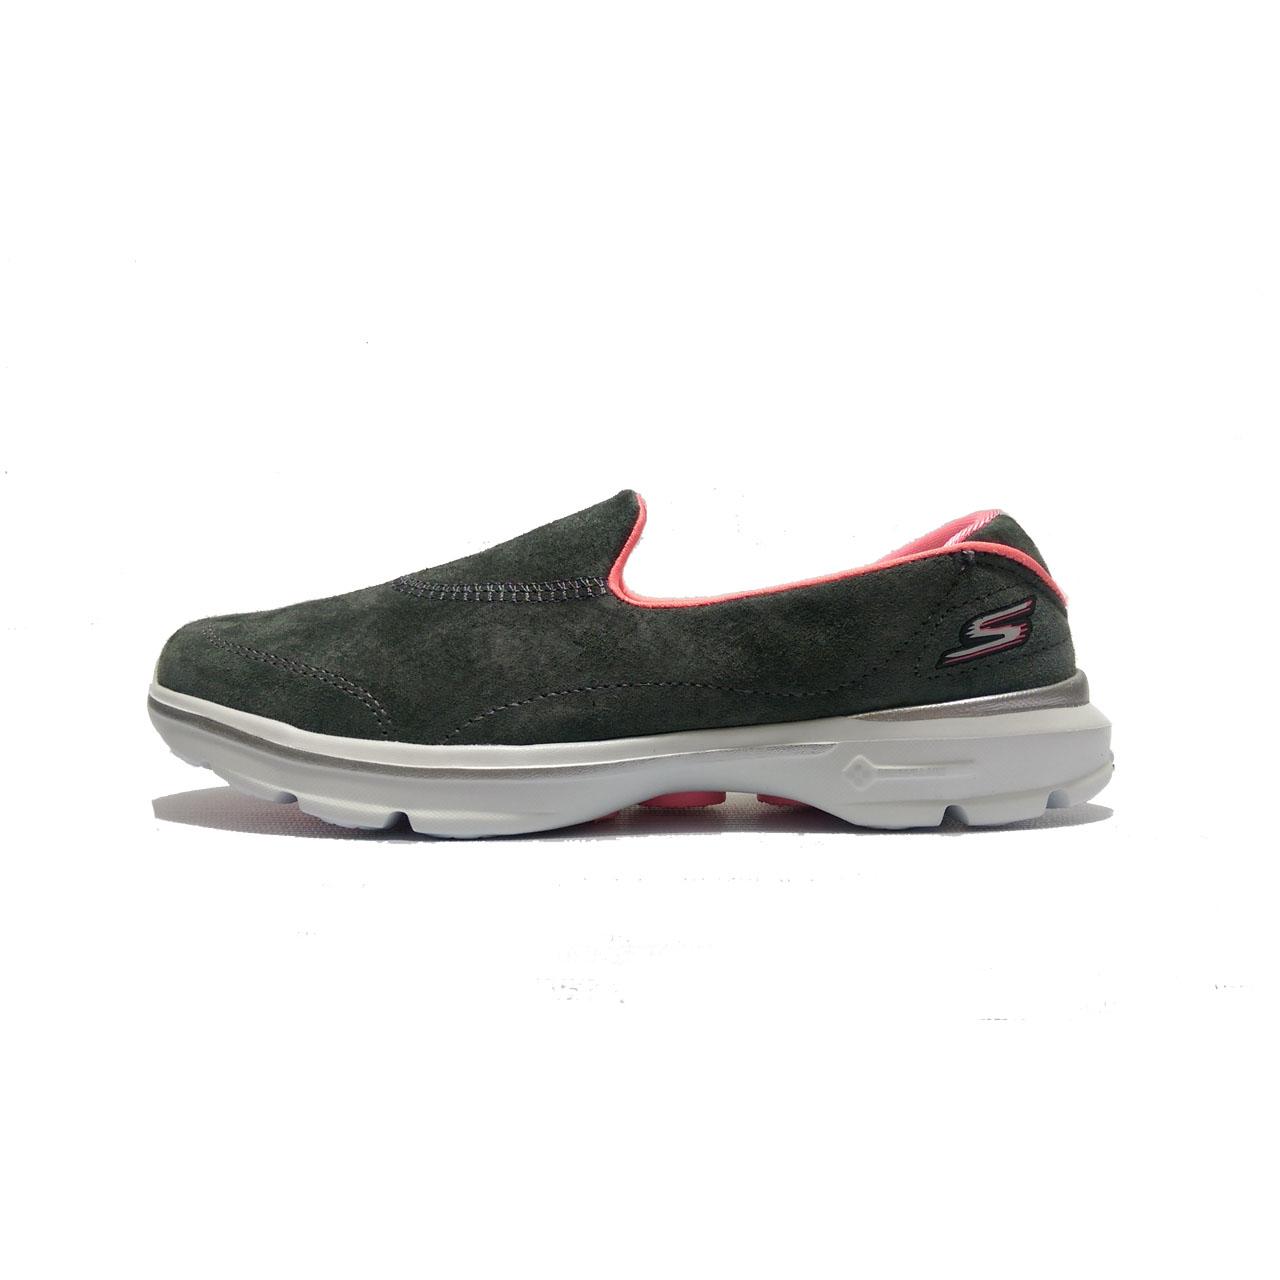 کفش مخصوص پیاده روی اسکیچرز زنانه مدل GO WALK 3